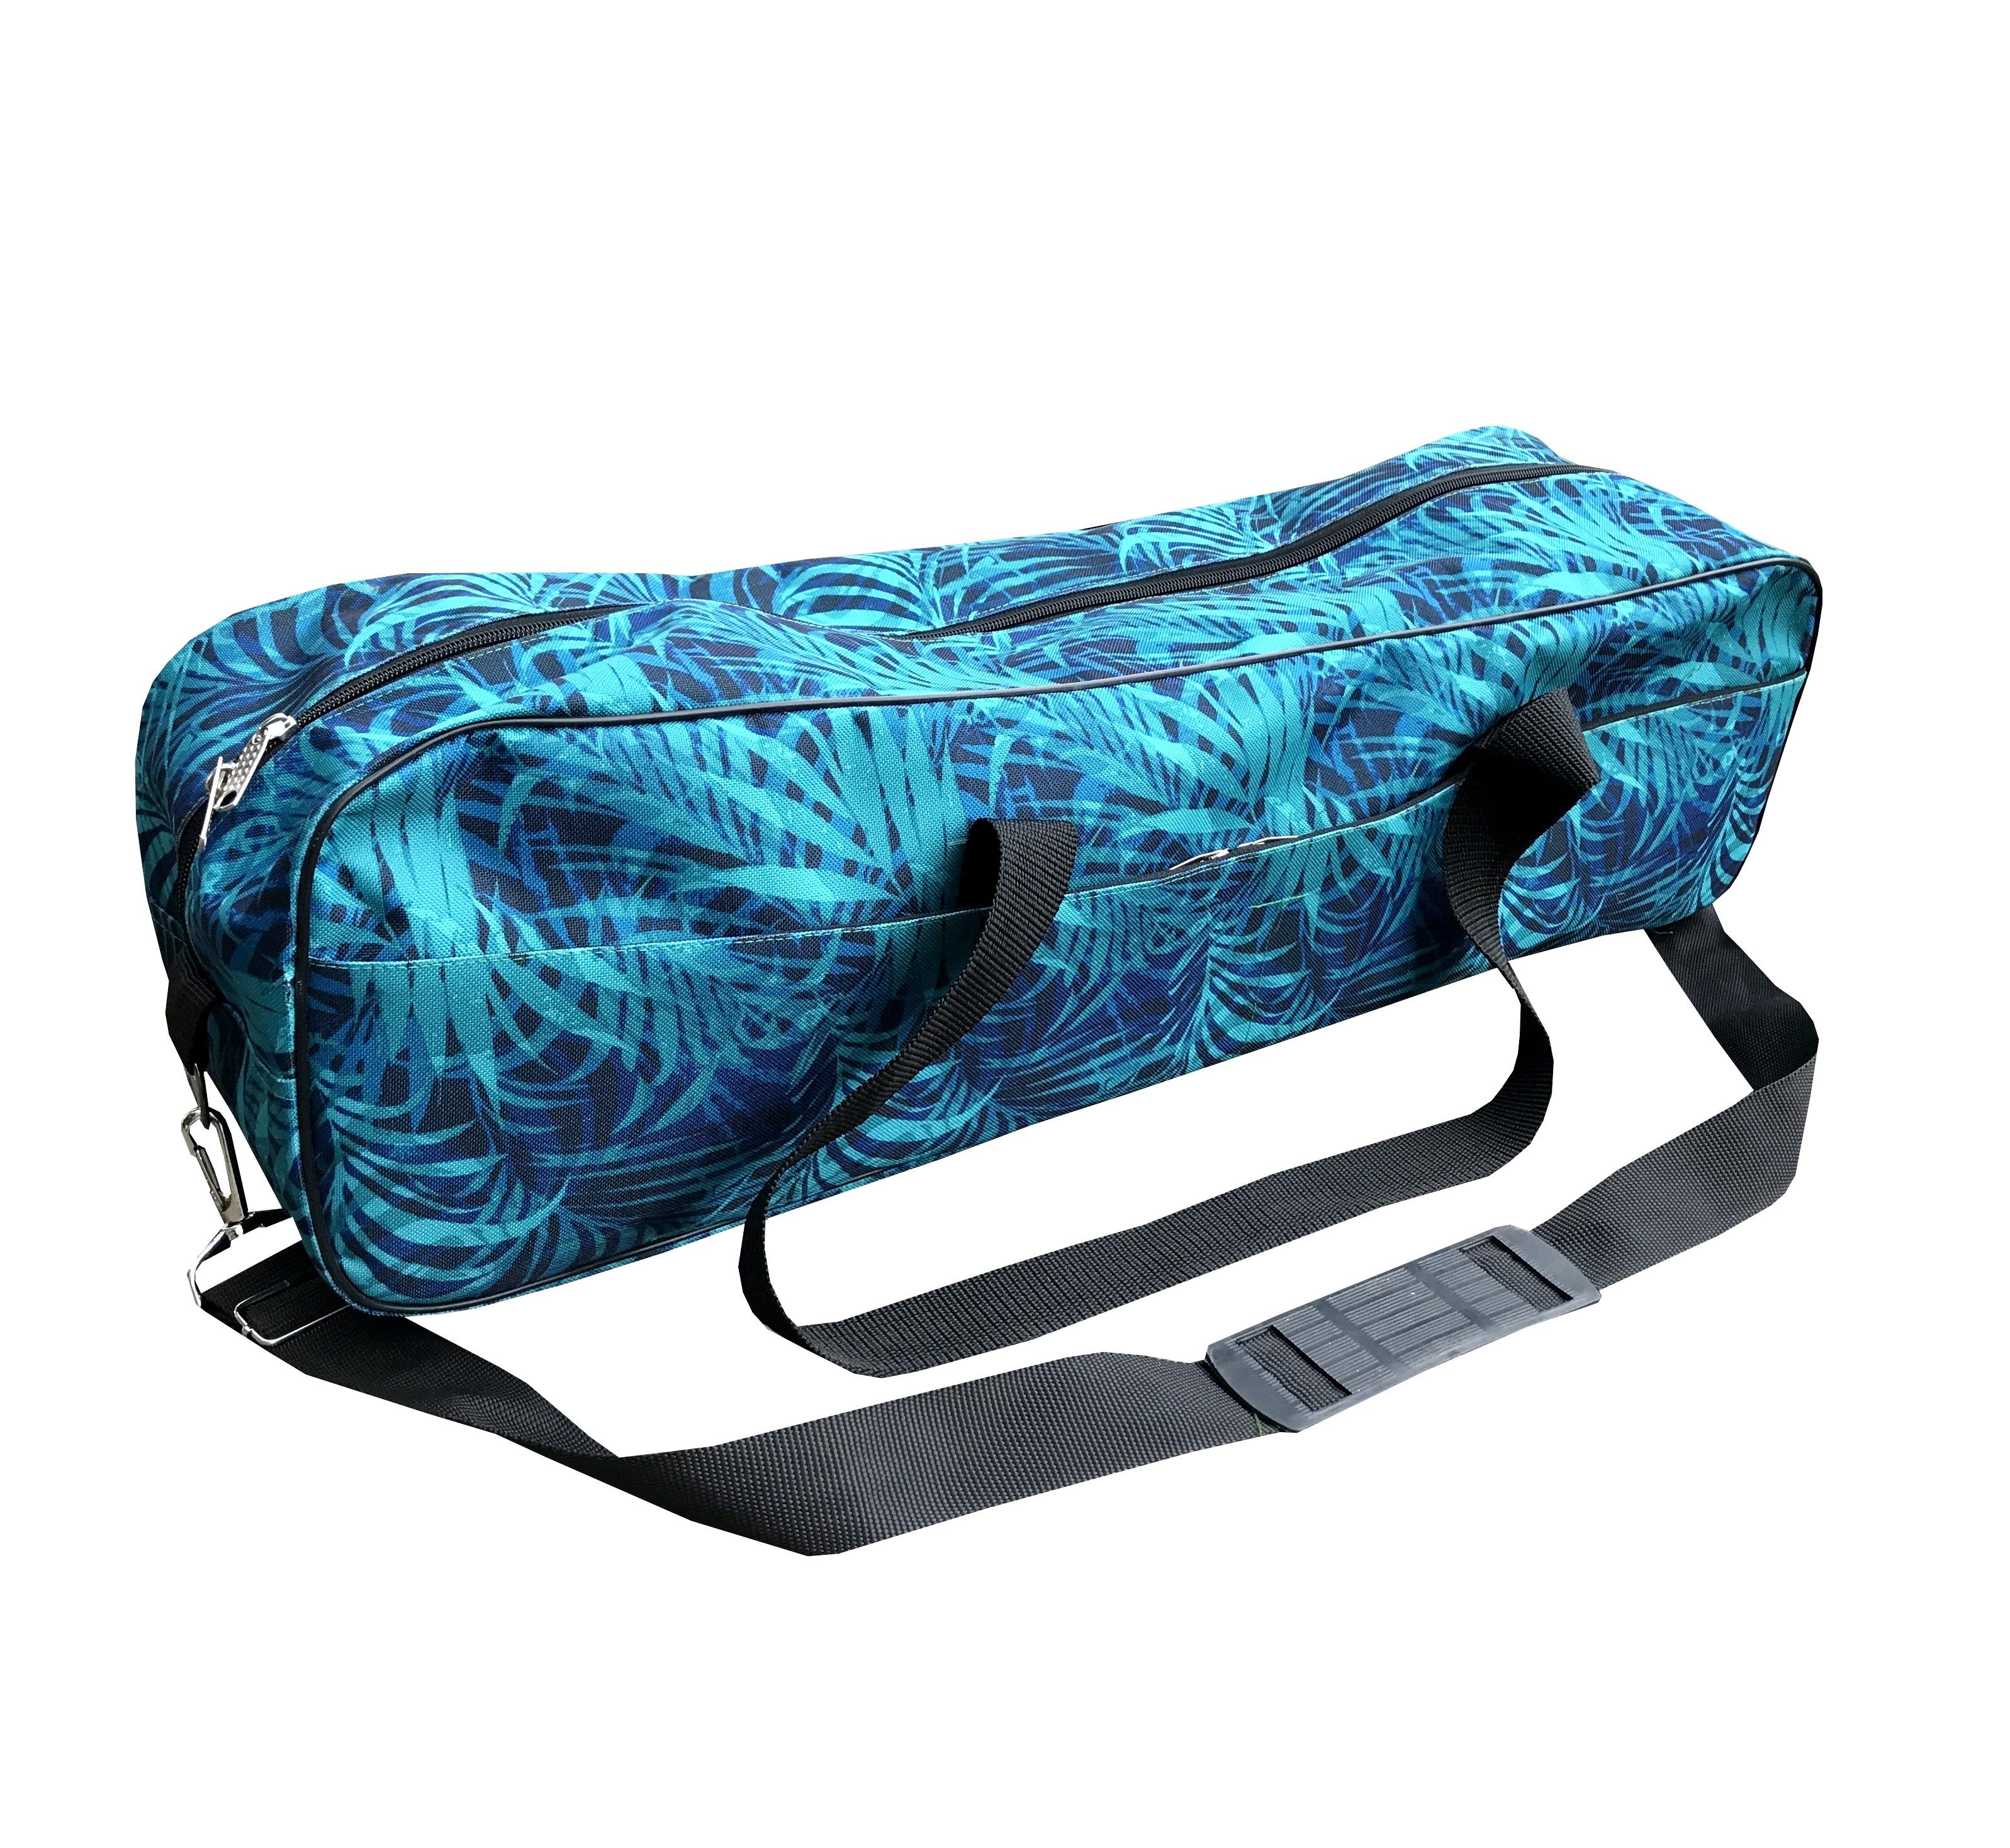 Сумка для йога-коврика Гаруда, папоротник (зеленый)